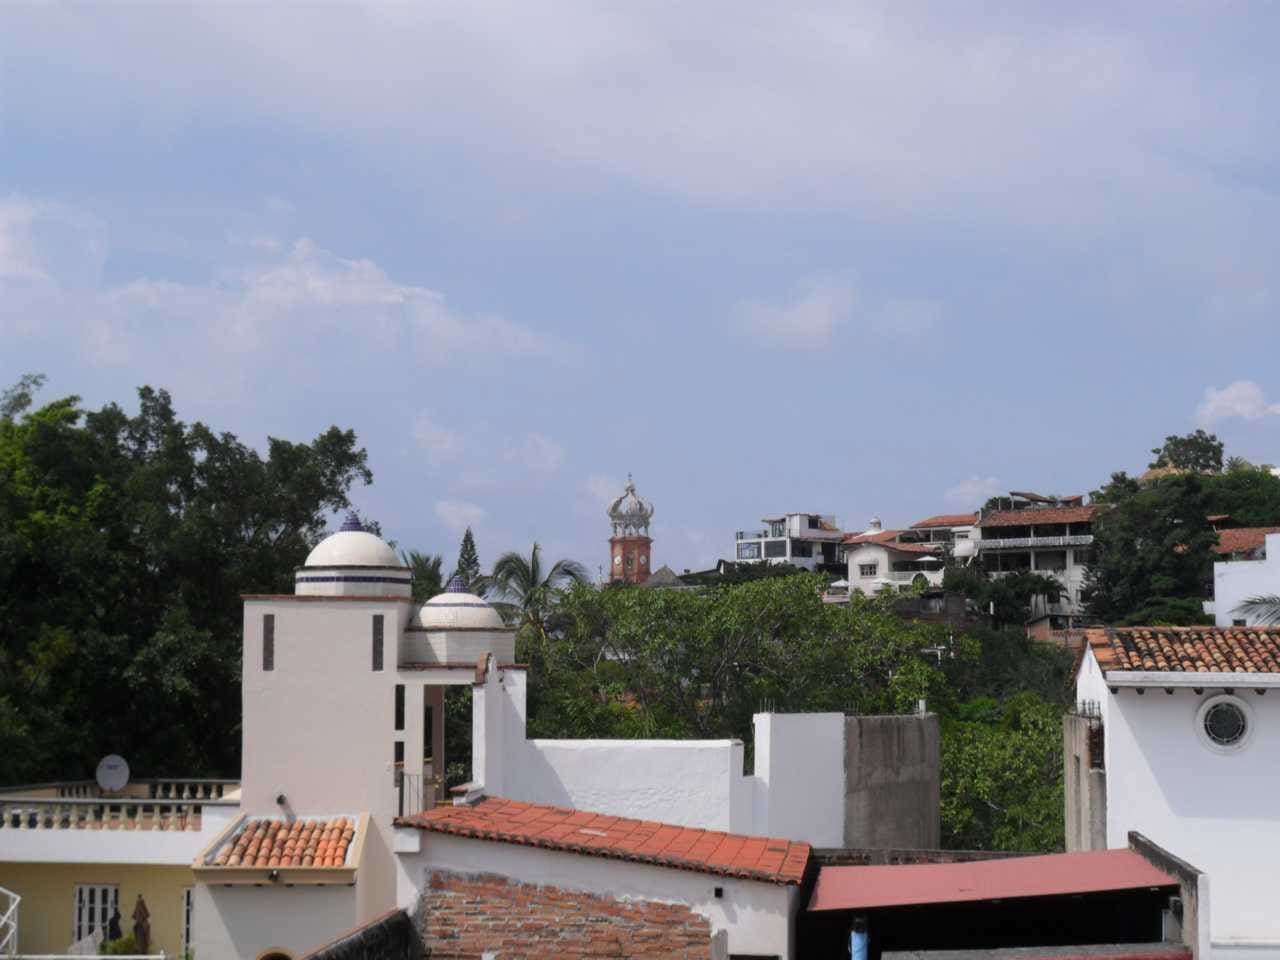 Vista Terraza - Terrace View